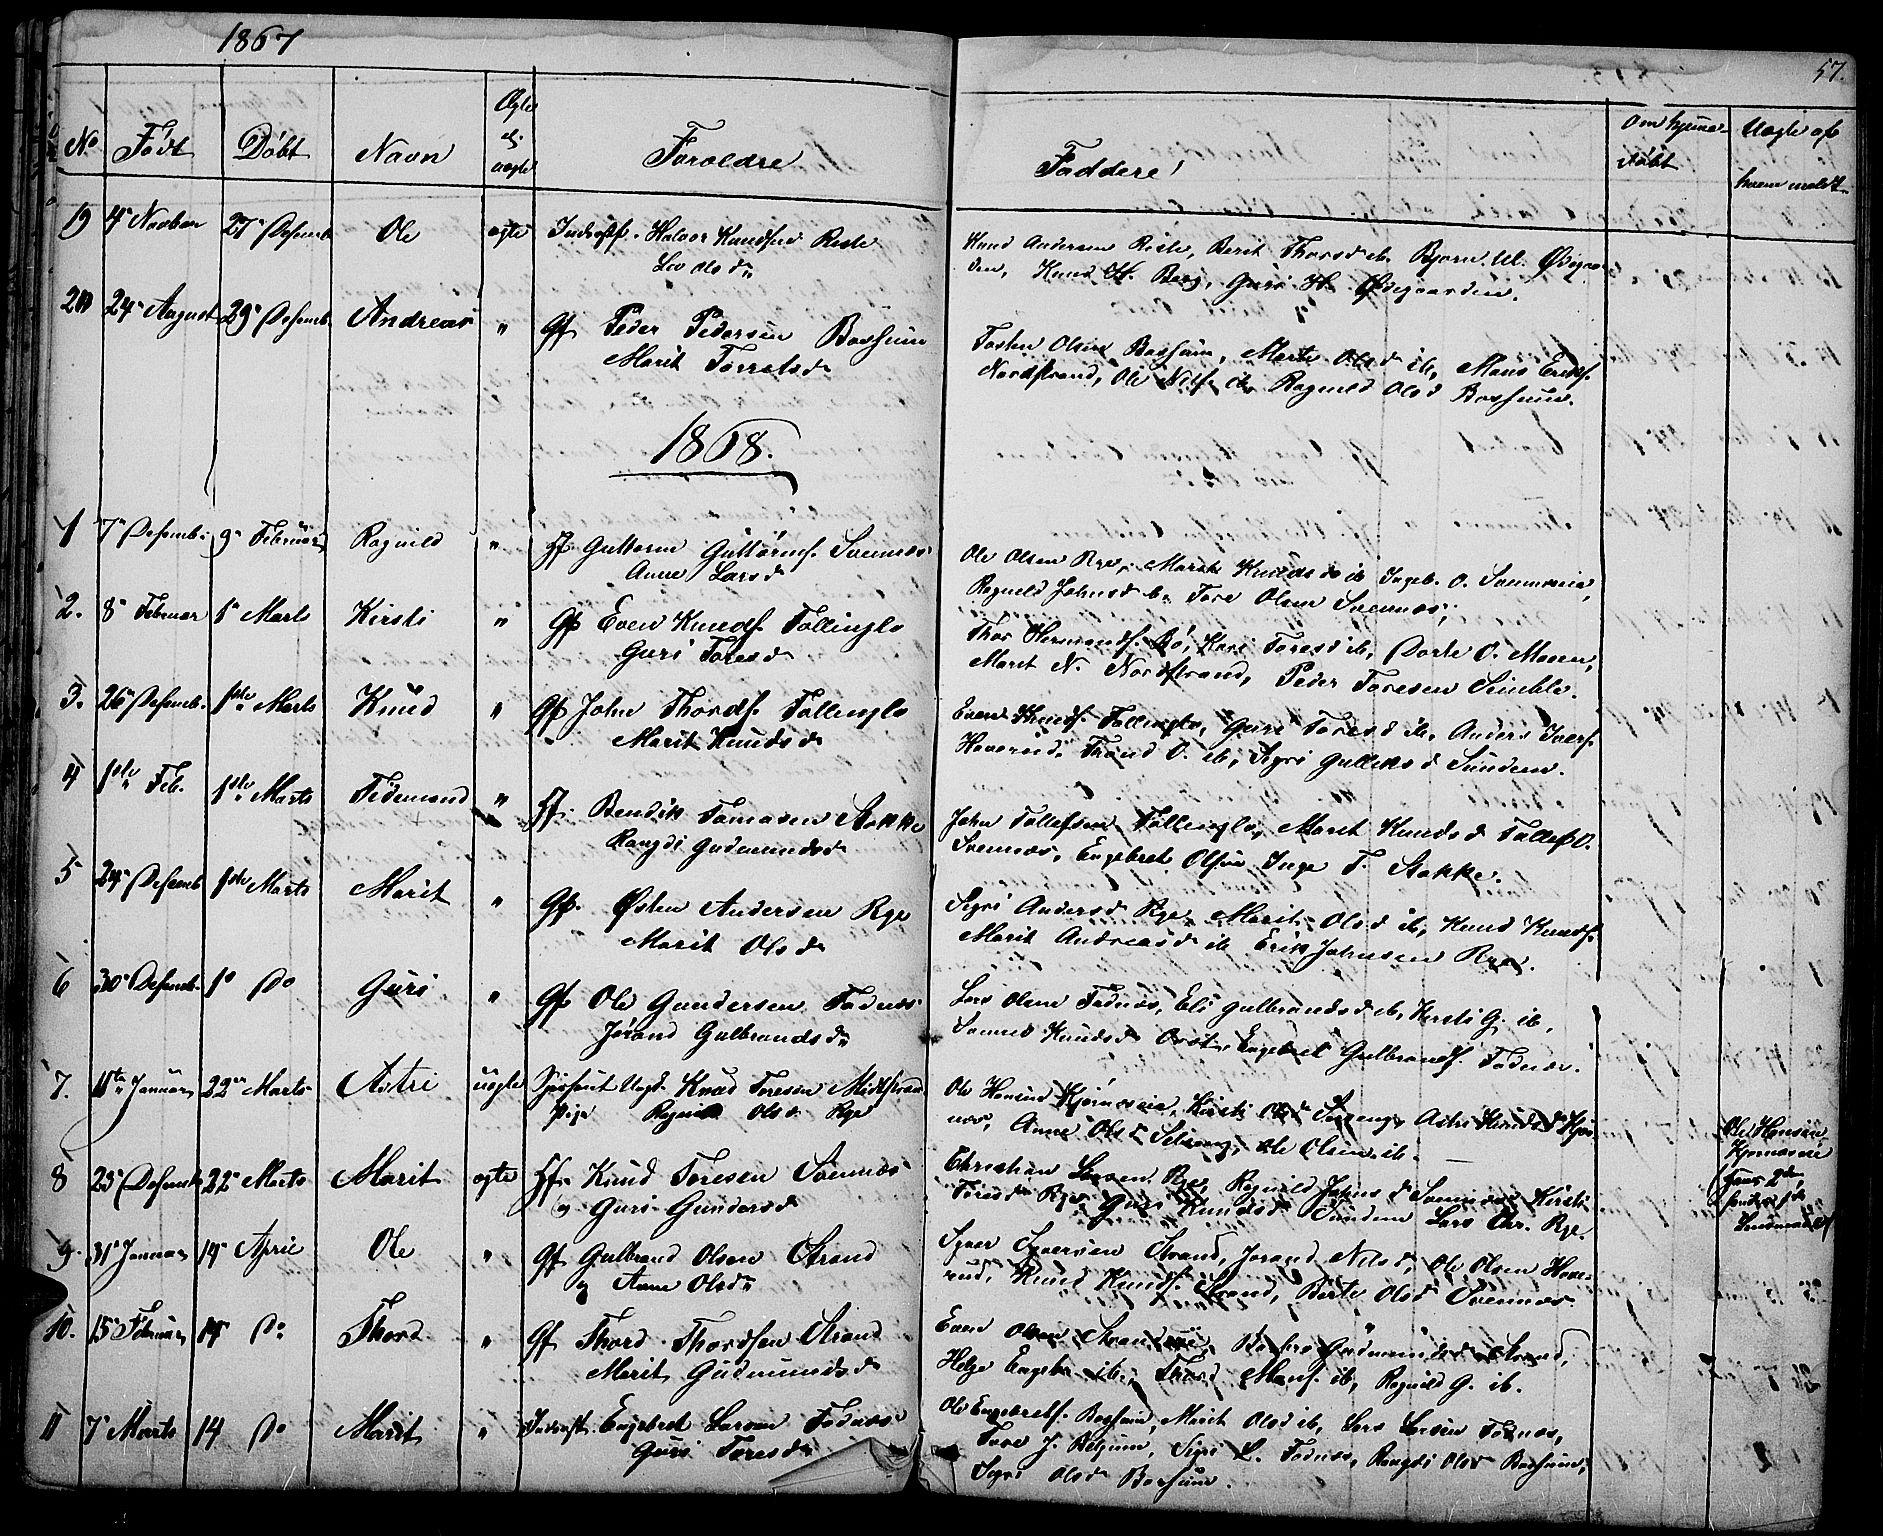 SAH, Nord-Aurdal prestekontor, Klokkerbok nr. 3, 1842-1882, s. 57